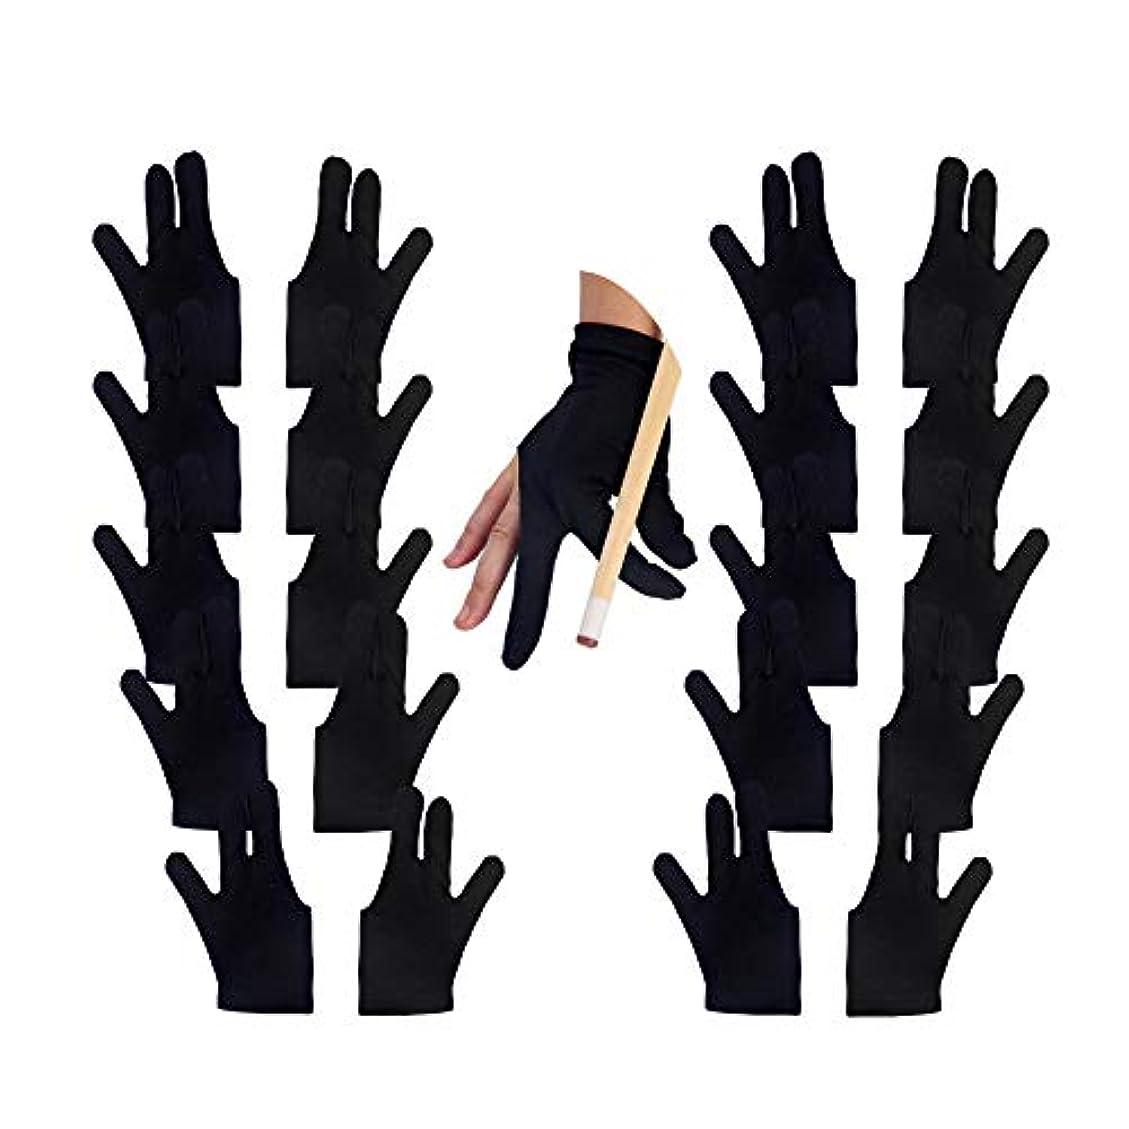 ロータリーギャップ展開するNUOMI 20ピース スポーツ用 グローブ 3本指の手袋 ビリヤードの手袋 スヌーカー キューグローブ ナイロン製 弾性 通気性 屋内ゲーム アクセサリー 保護手袋 ワンサイズ 左右兼用 ブラック